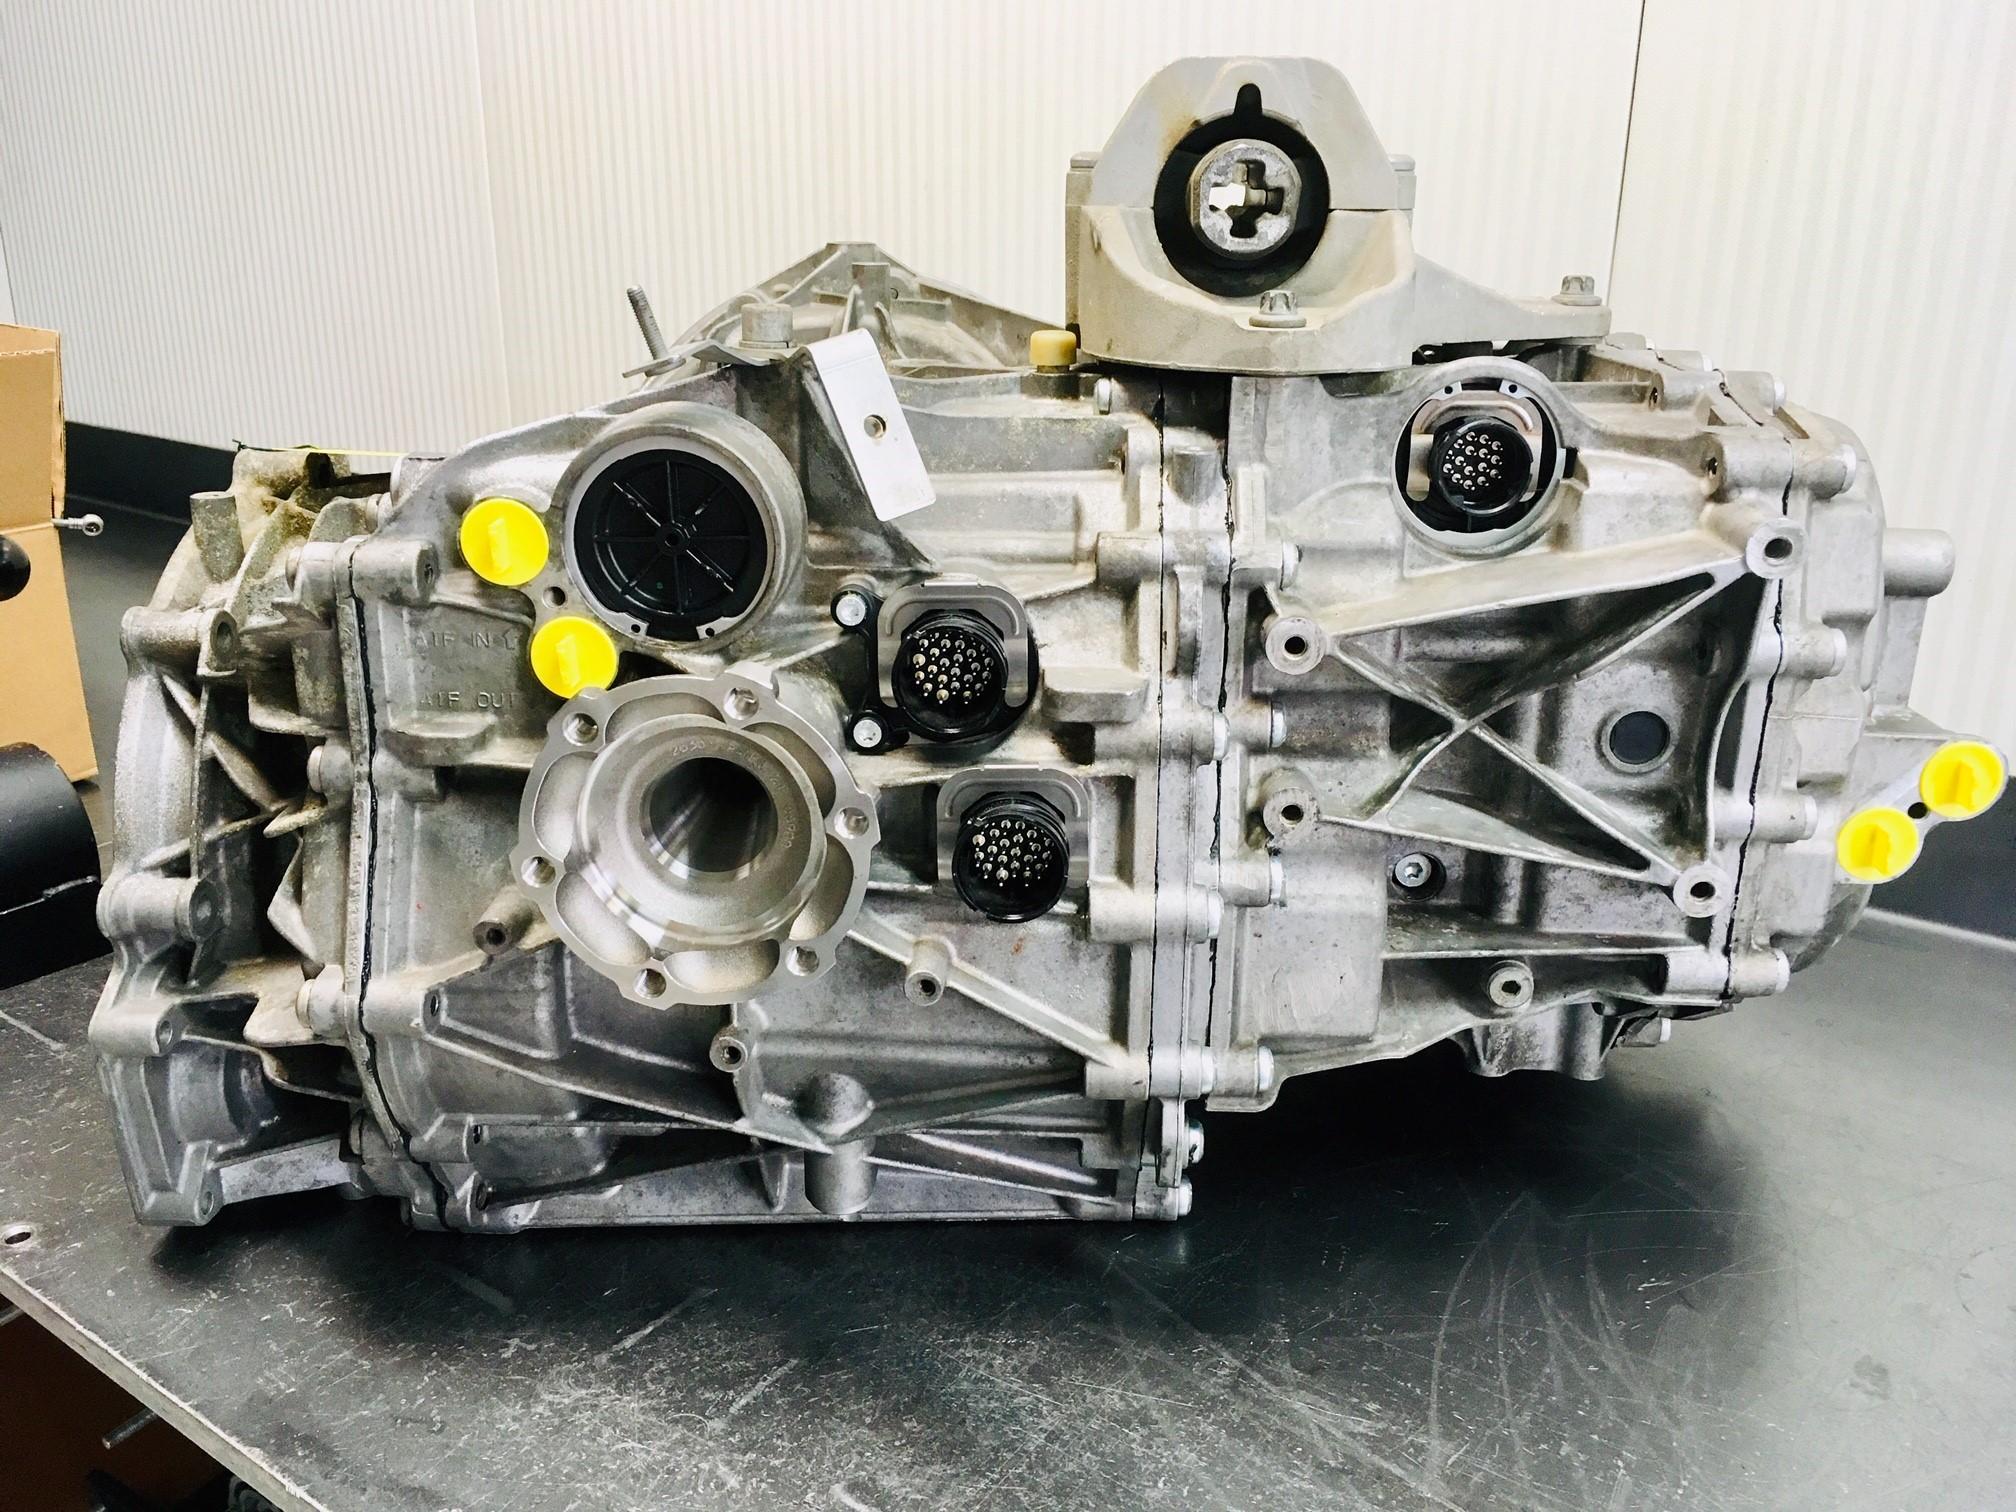 Ferrari F12 - Ferrari 458 - Getrag 7dcl750 - ferrari 458 speedsensor - gearbox ferrari 458 - gearbox ferrari F12 -  Ferrari California gearbox - 7dcl750 getrag ferrari - mercedes getrag 7dcl750 - ford gt40 getrag 7dcl750 - versnellingsbak ferrari 458 F12 - transmission ferrari 458 F12 California - getriebe ferrari 458 F12 - gearbox mercedes amg sls - 7DCL750 - parts 7dcl750 - rebuild getrag 7dcl750 - 70004181 ferrari - 70004181 - hydraulic unit getrag ferrari